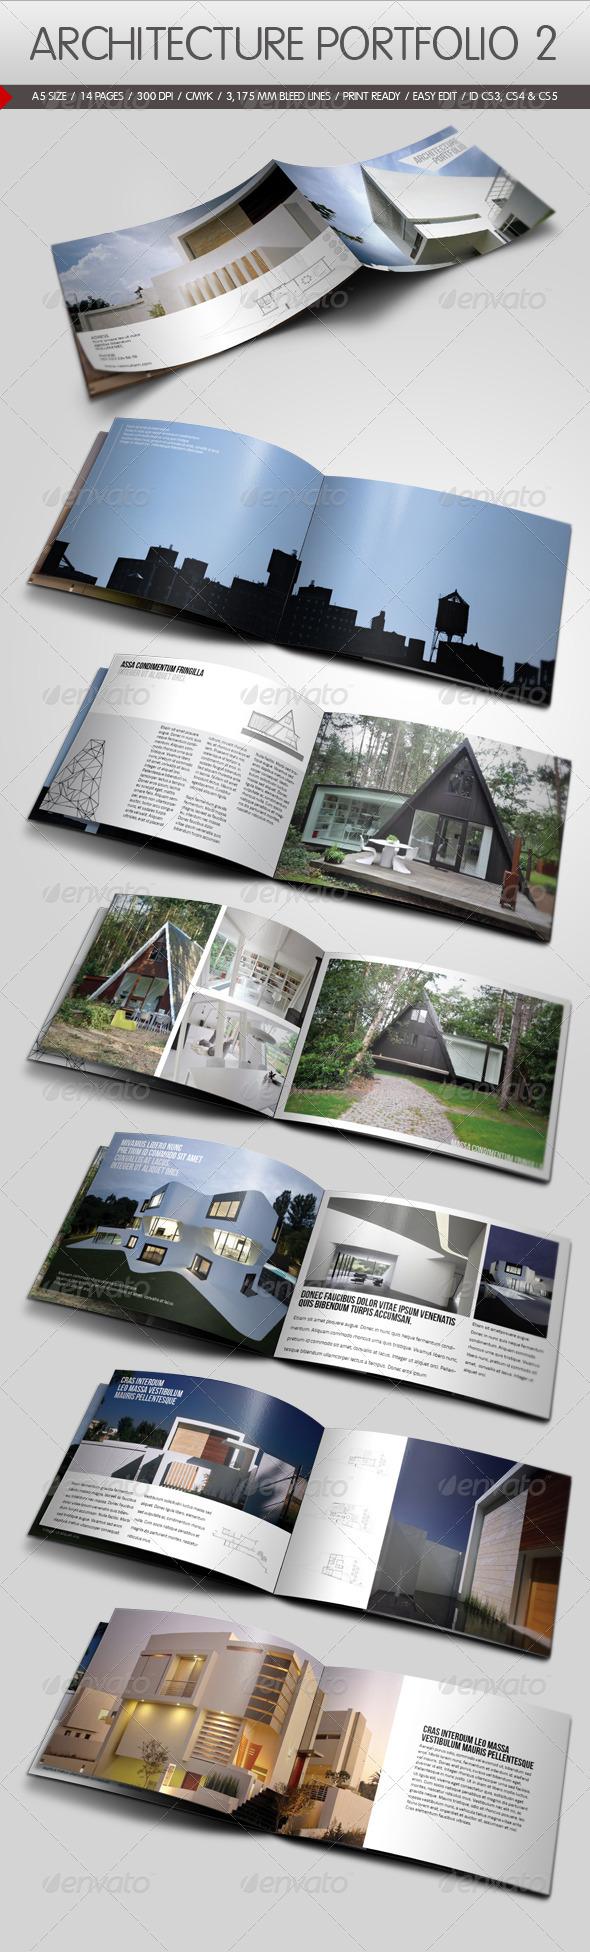 GraphicRiver Architecture Portfolio II 1157166